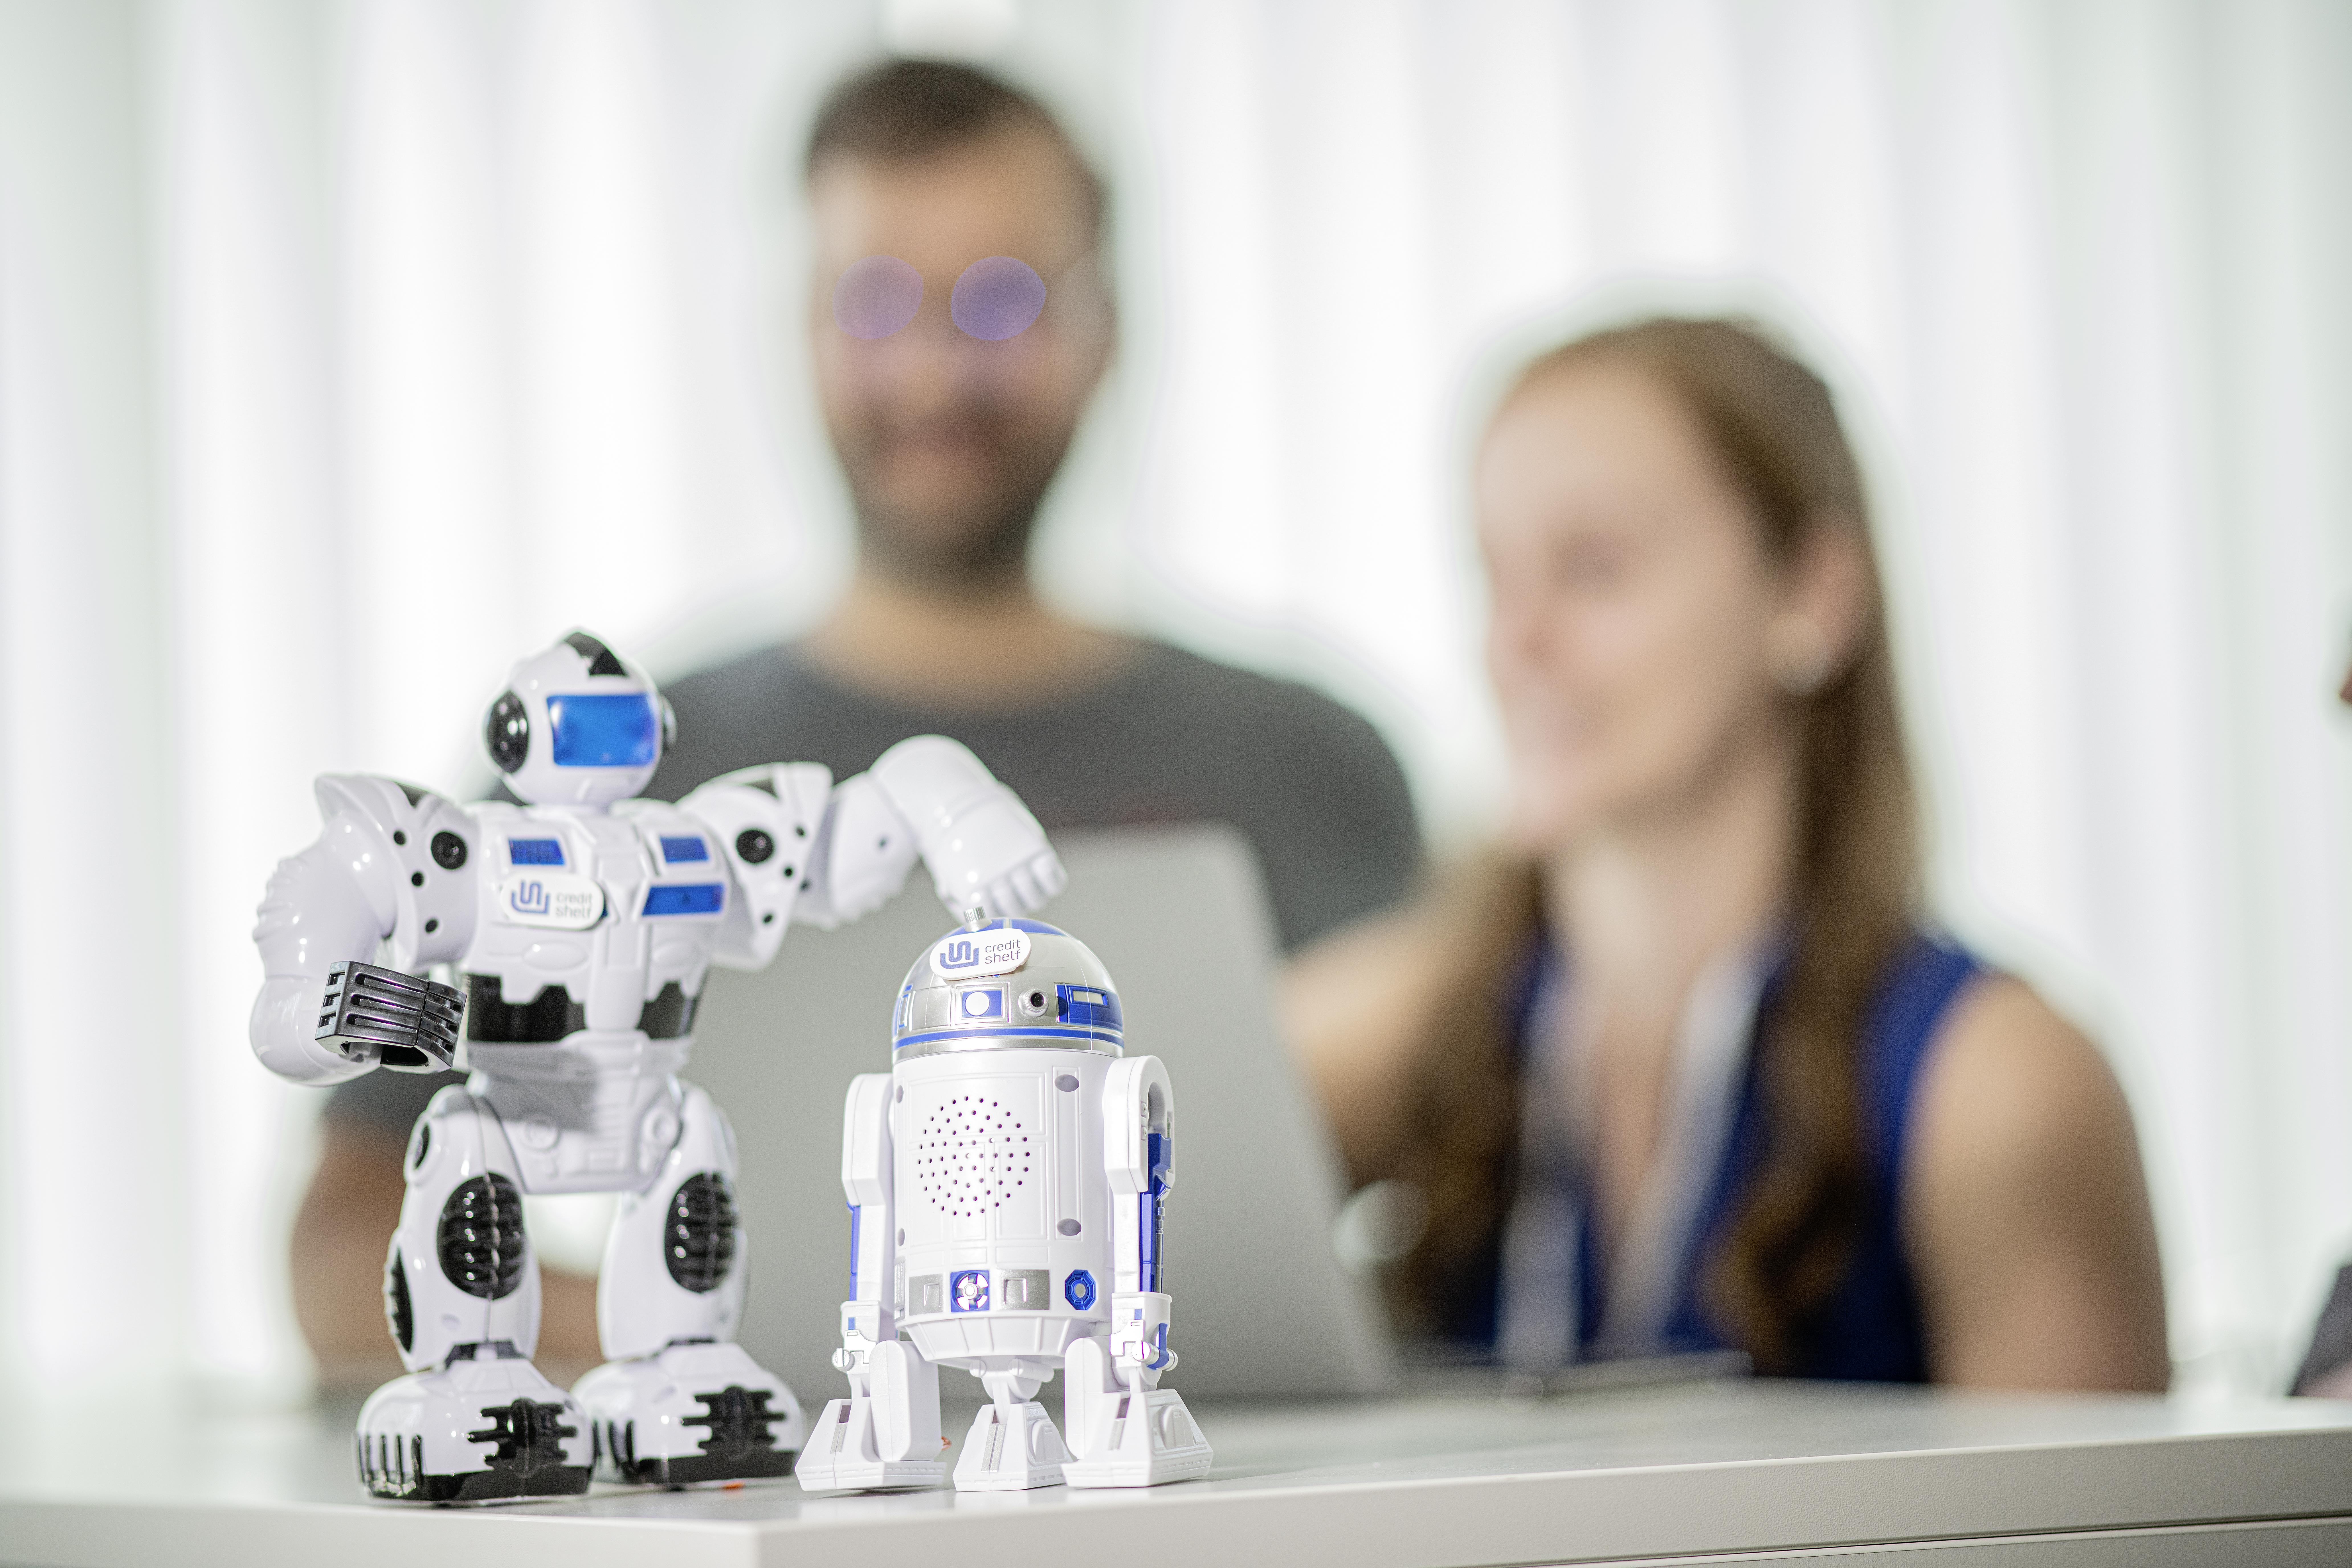 Roboterfiguren im Vordergrund beim Finanzierungsmonitor